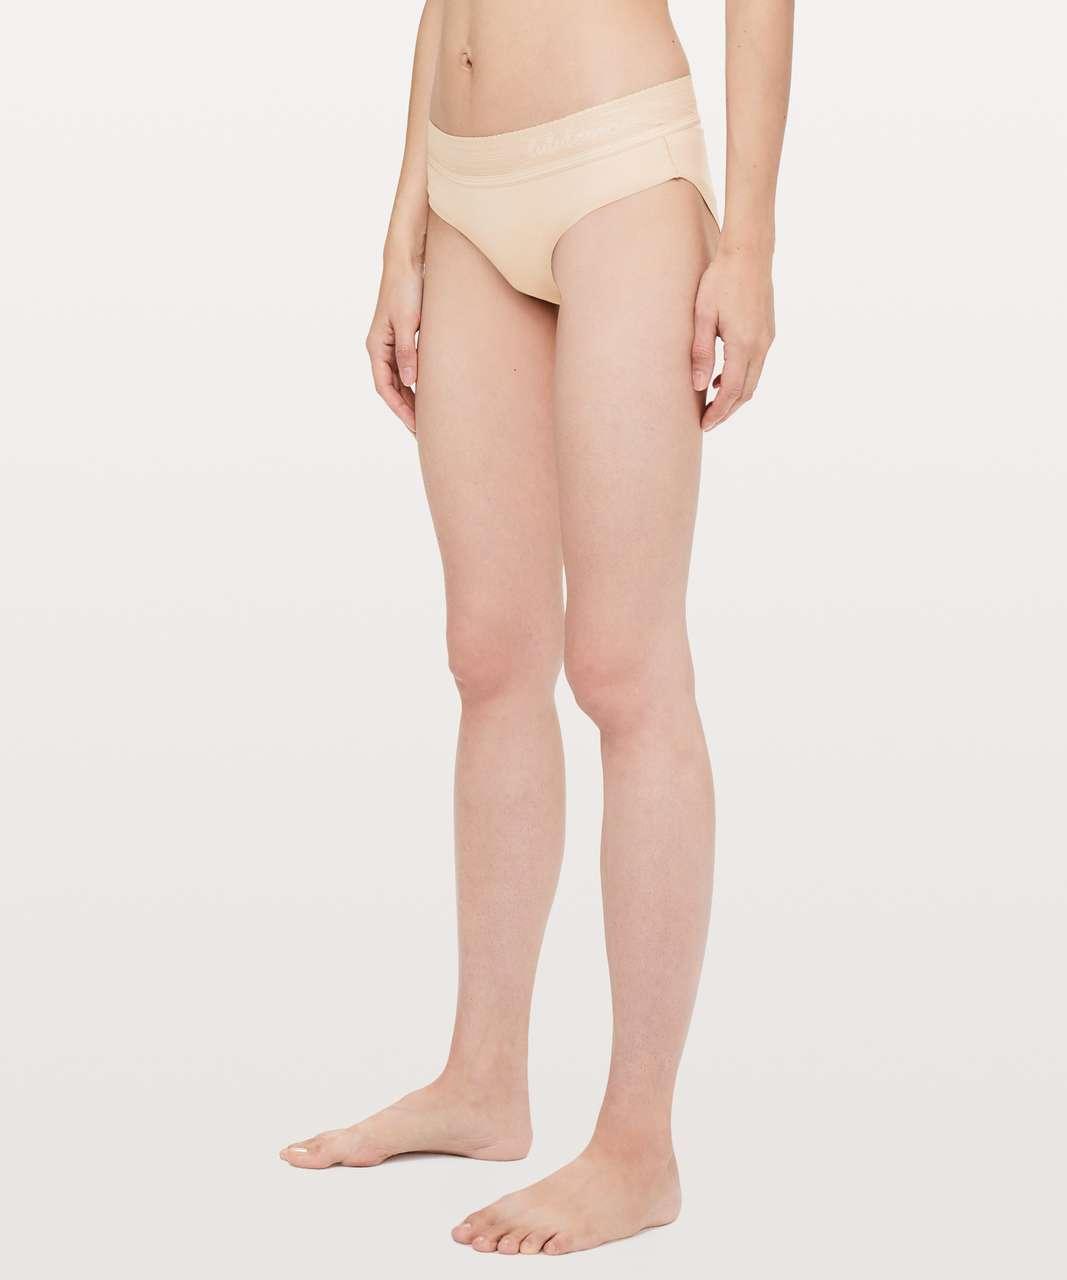 Lululemon Ever Essentials Bikini - Crepe